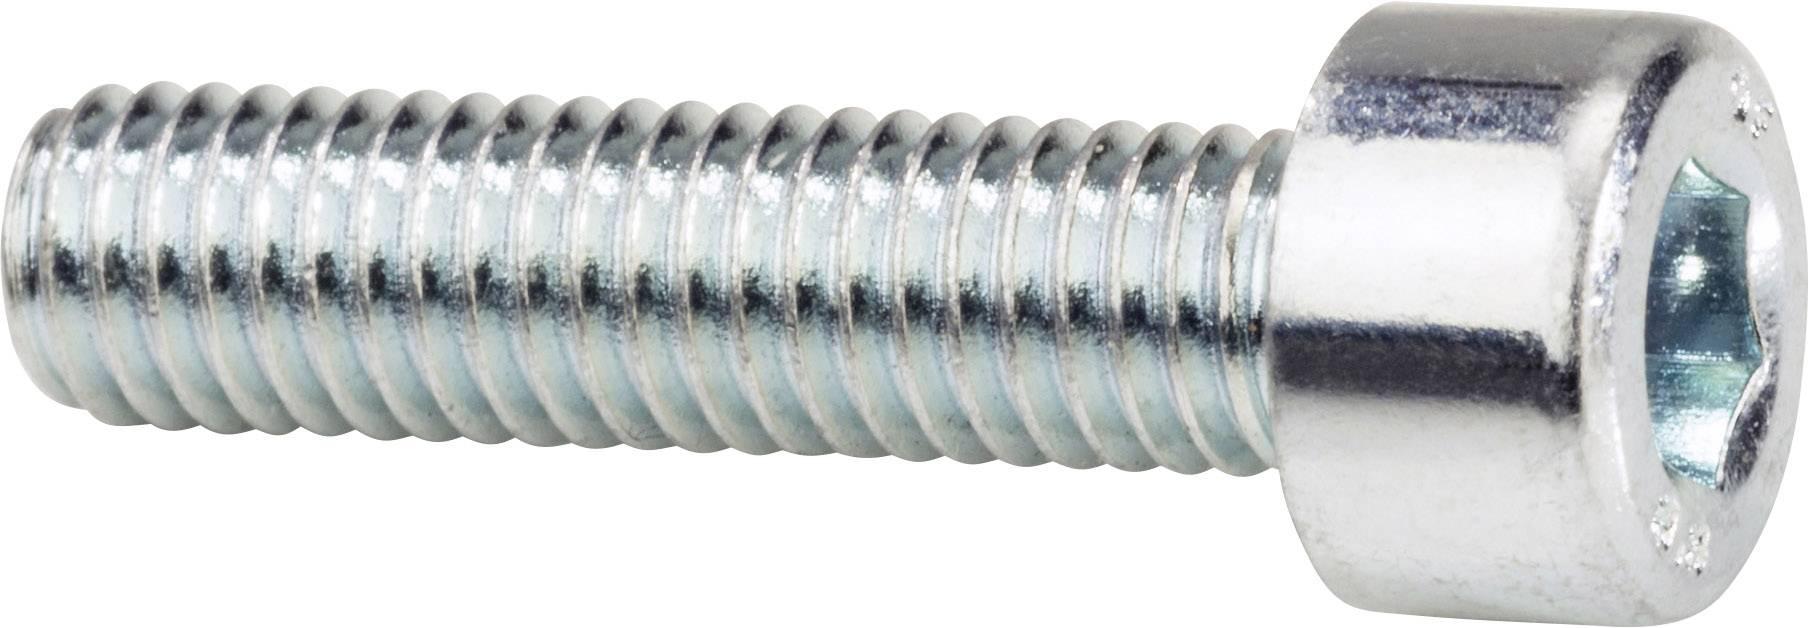 Šrouby s válcovou hlavou 912, 6x20, 100 ks